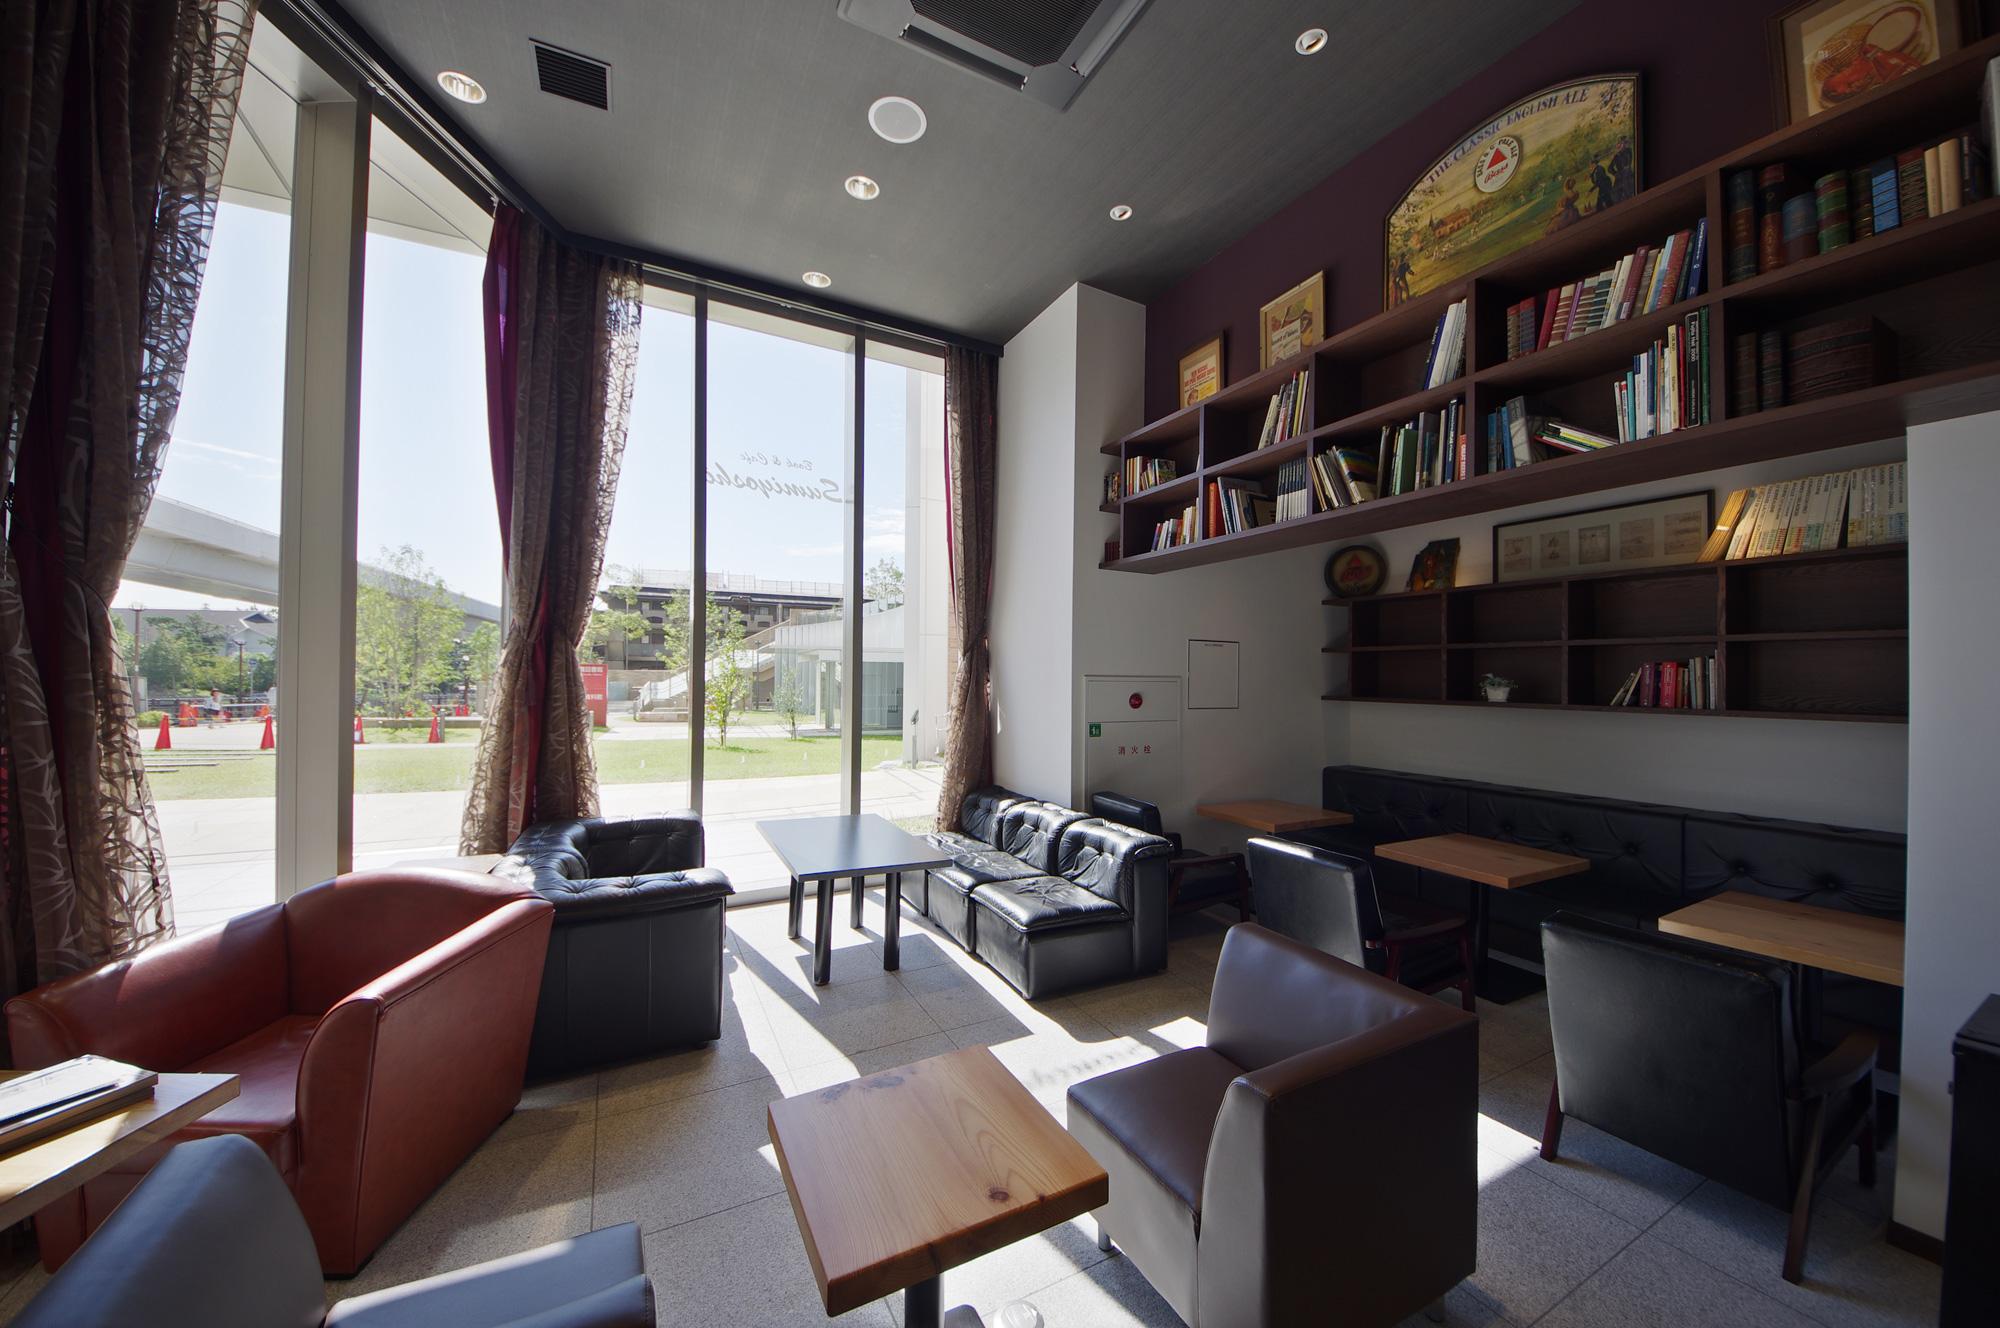 店内から外部を見通す: 新しく整備された東灘図書館の緑を借景としています